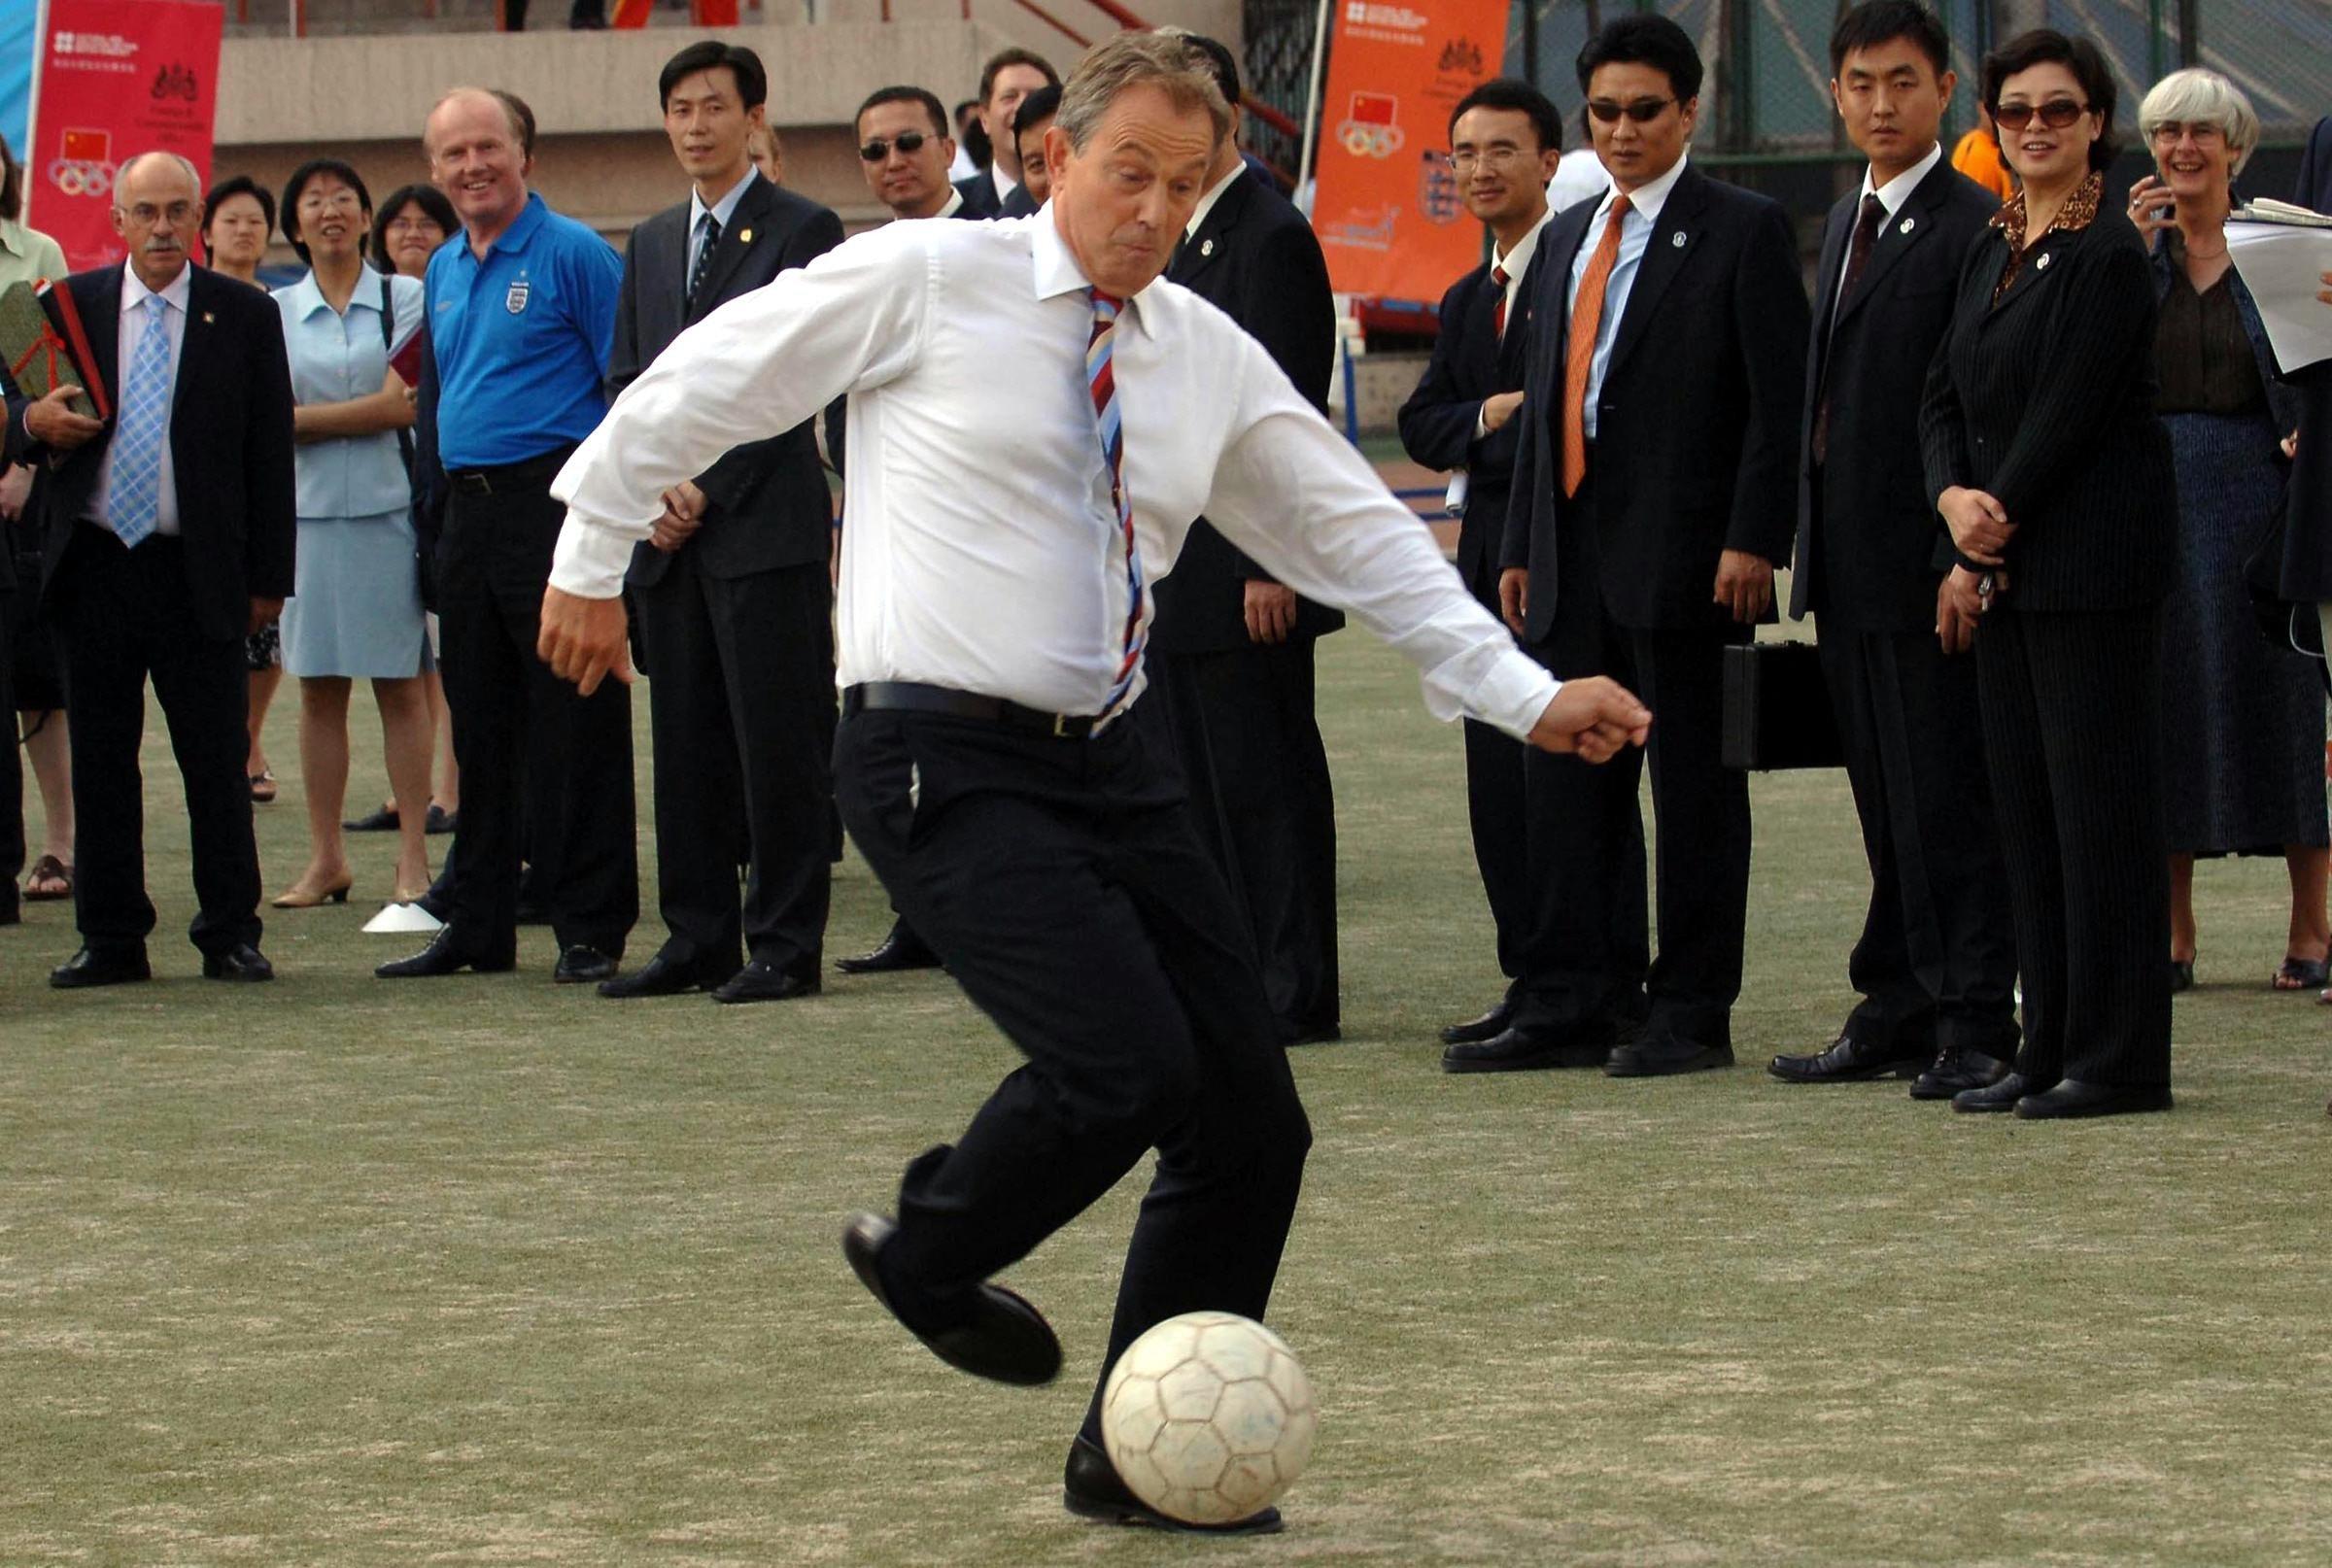 2005年,訪問北京的英國首相布萊爾踢球。